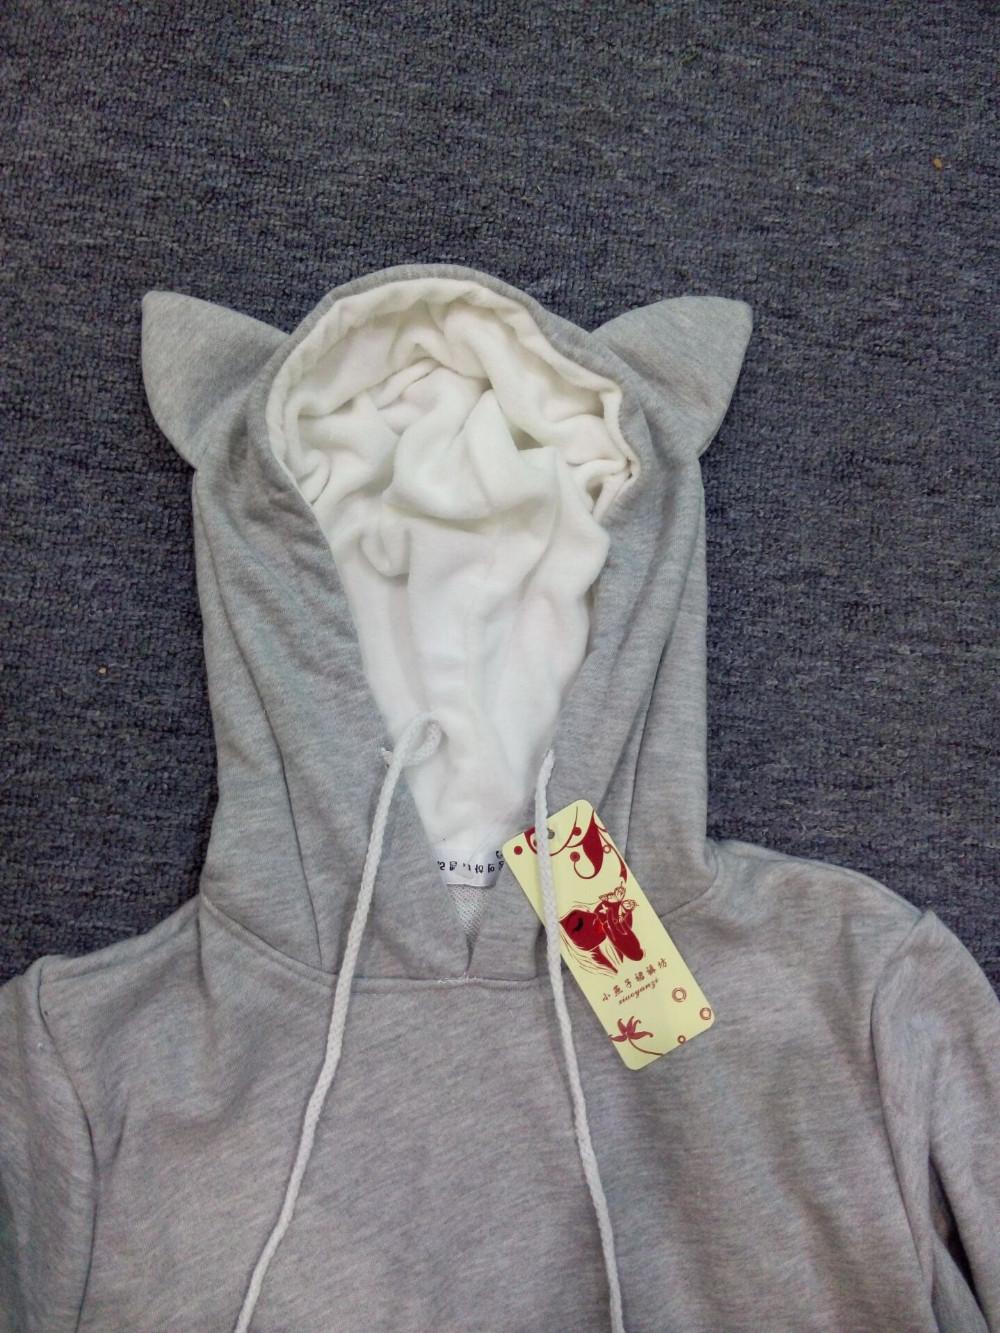 Cat lovers bluzy z cuddle etui dog pet bluzy dla kangura dorywczo swetry z uszy bluza 4xl drop shipping 22